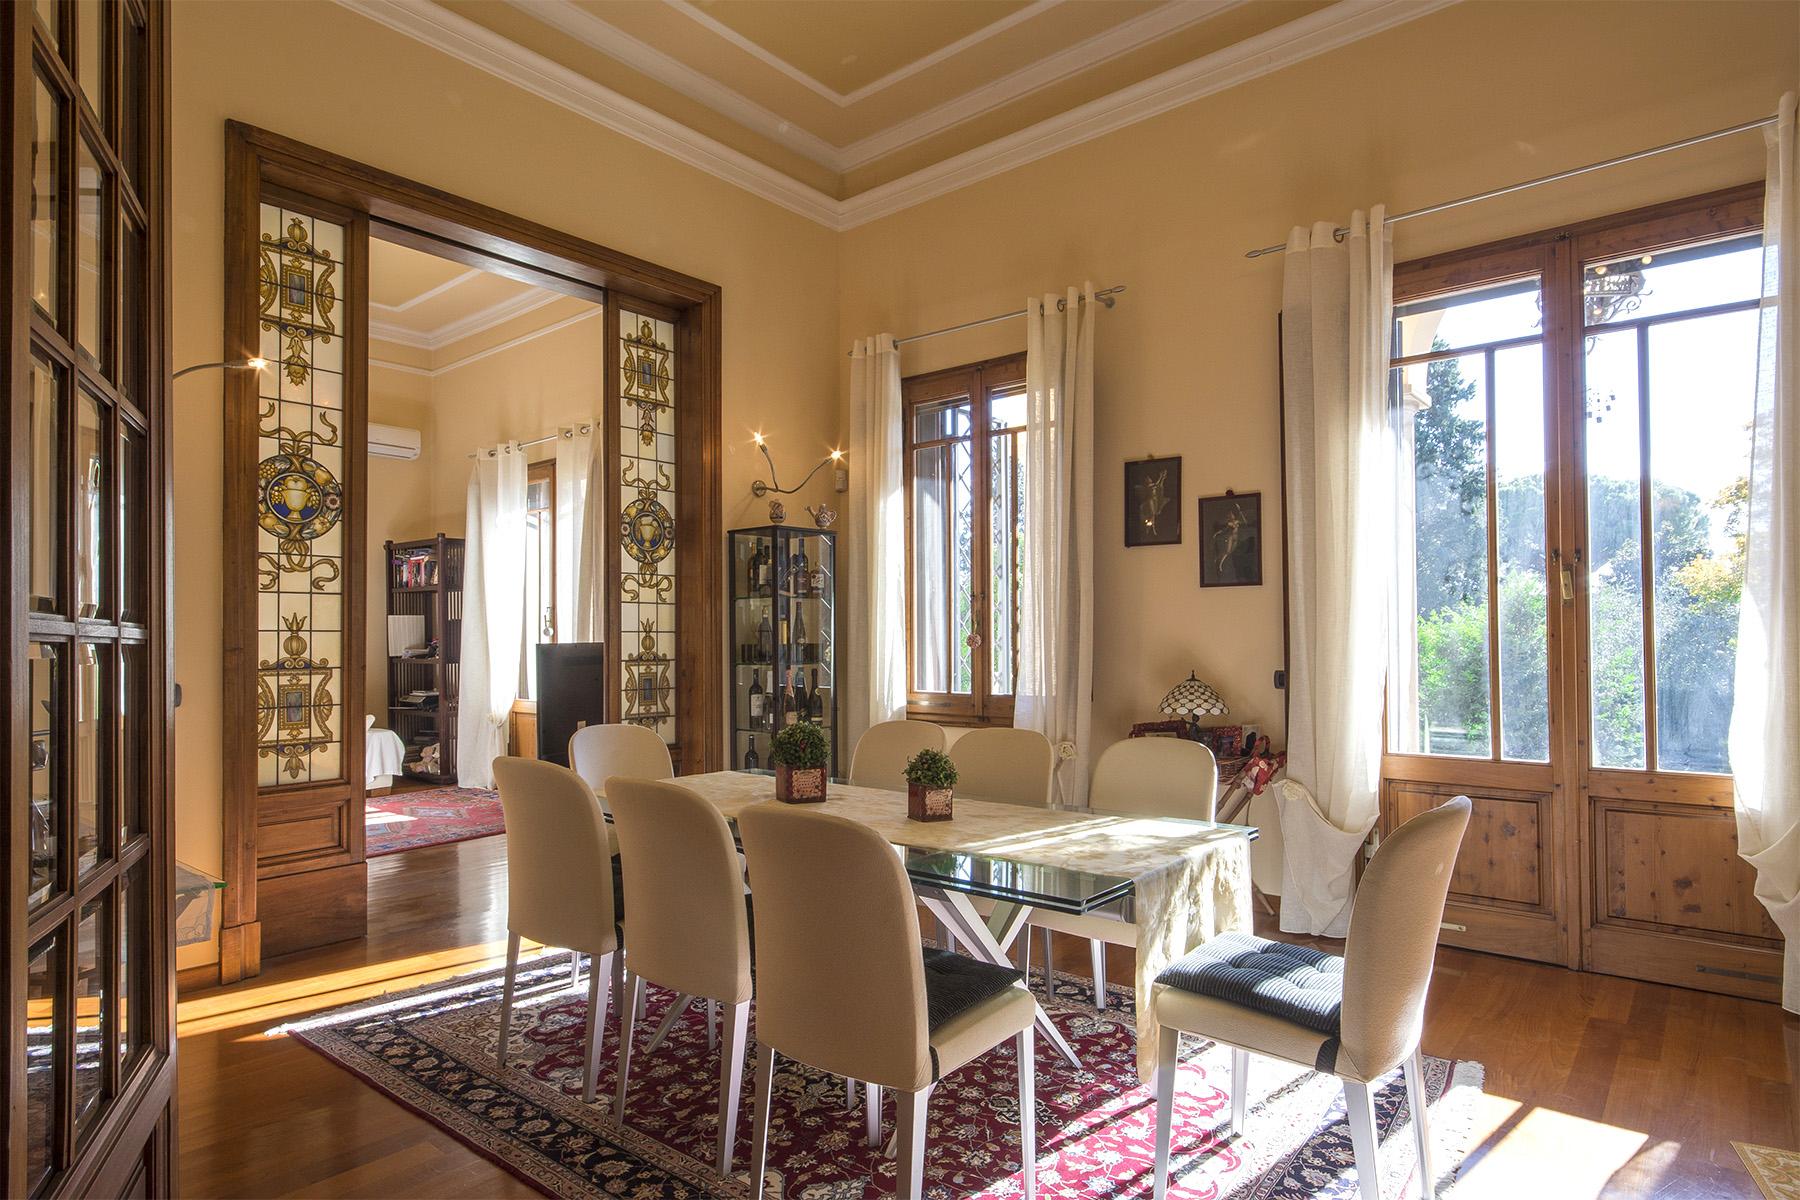 Villa in Vendita a Firenze: 5 locali, 500 mq - Foto 8